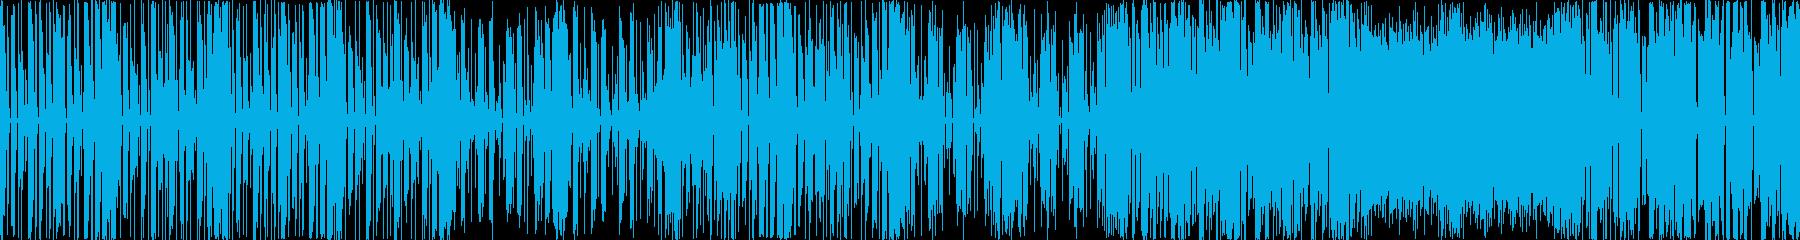 テクノ、エレクトロニカ風BGMの再生済みの波形